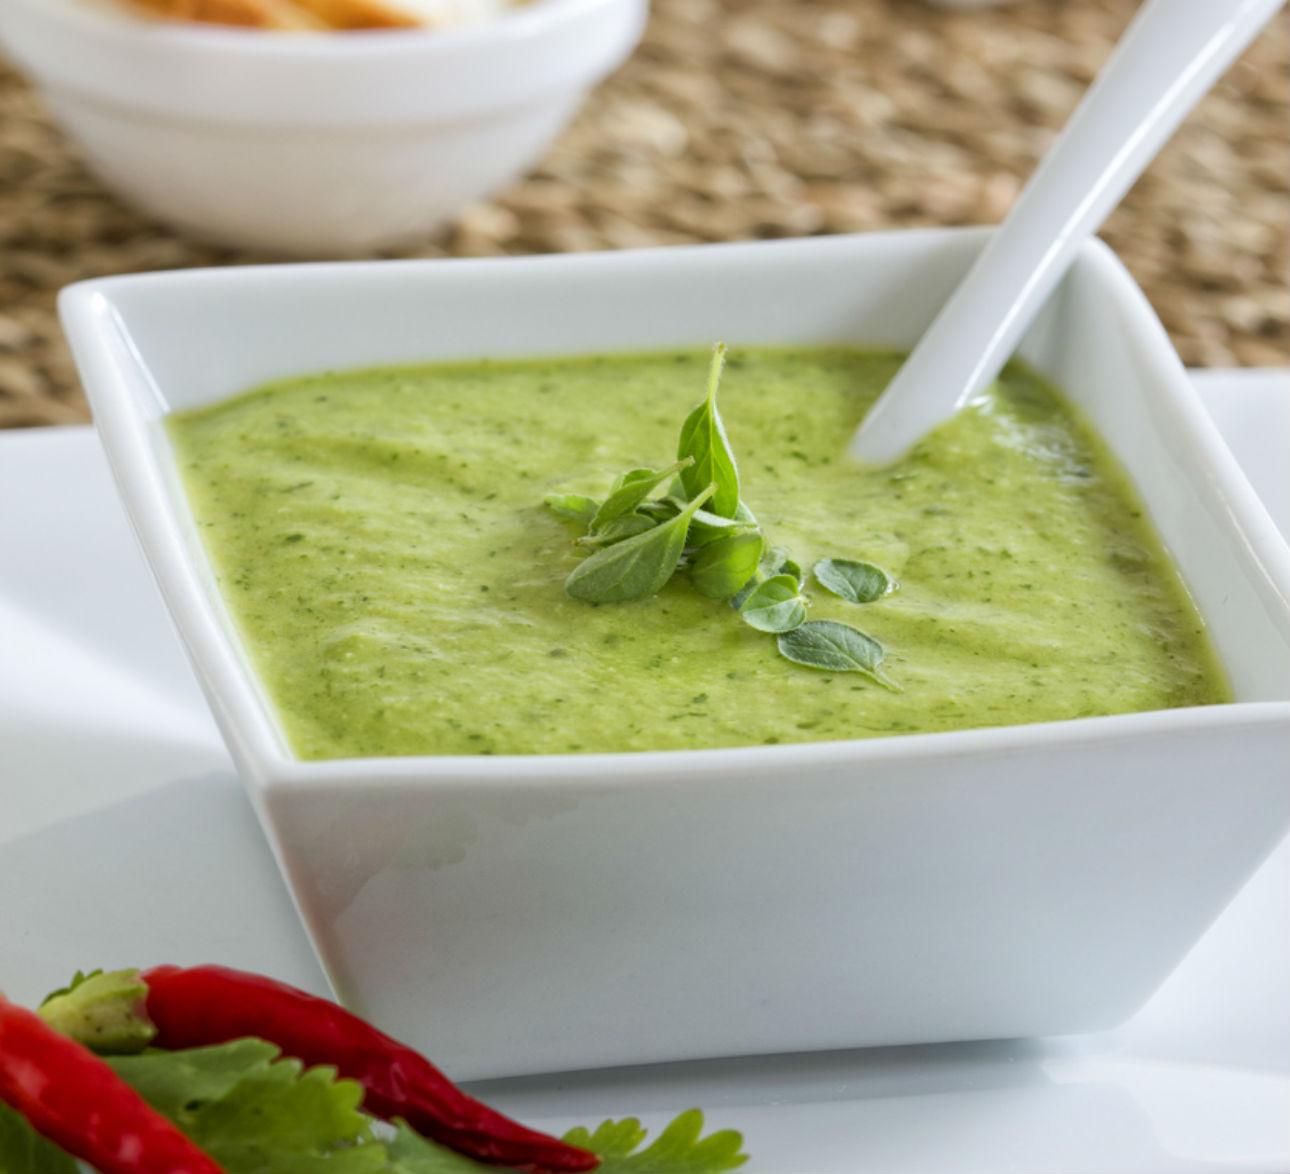 receta facil de aderezo de cilantro con mayonesa para